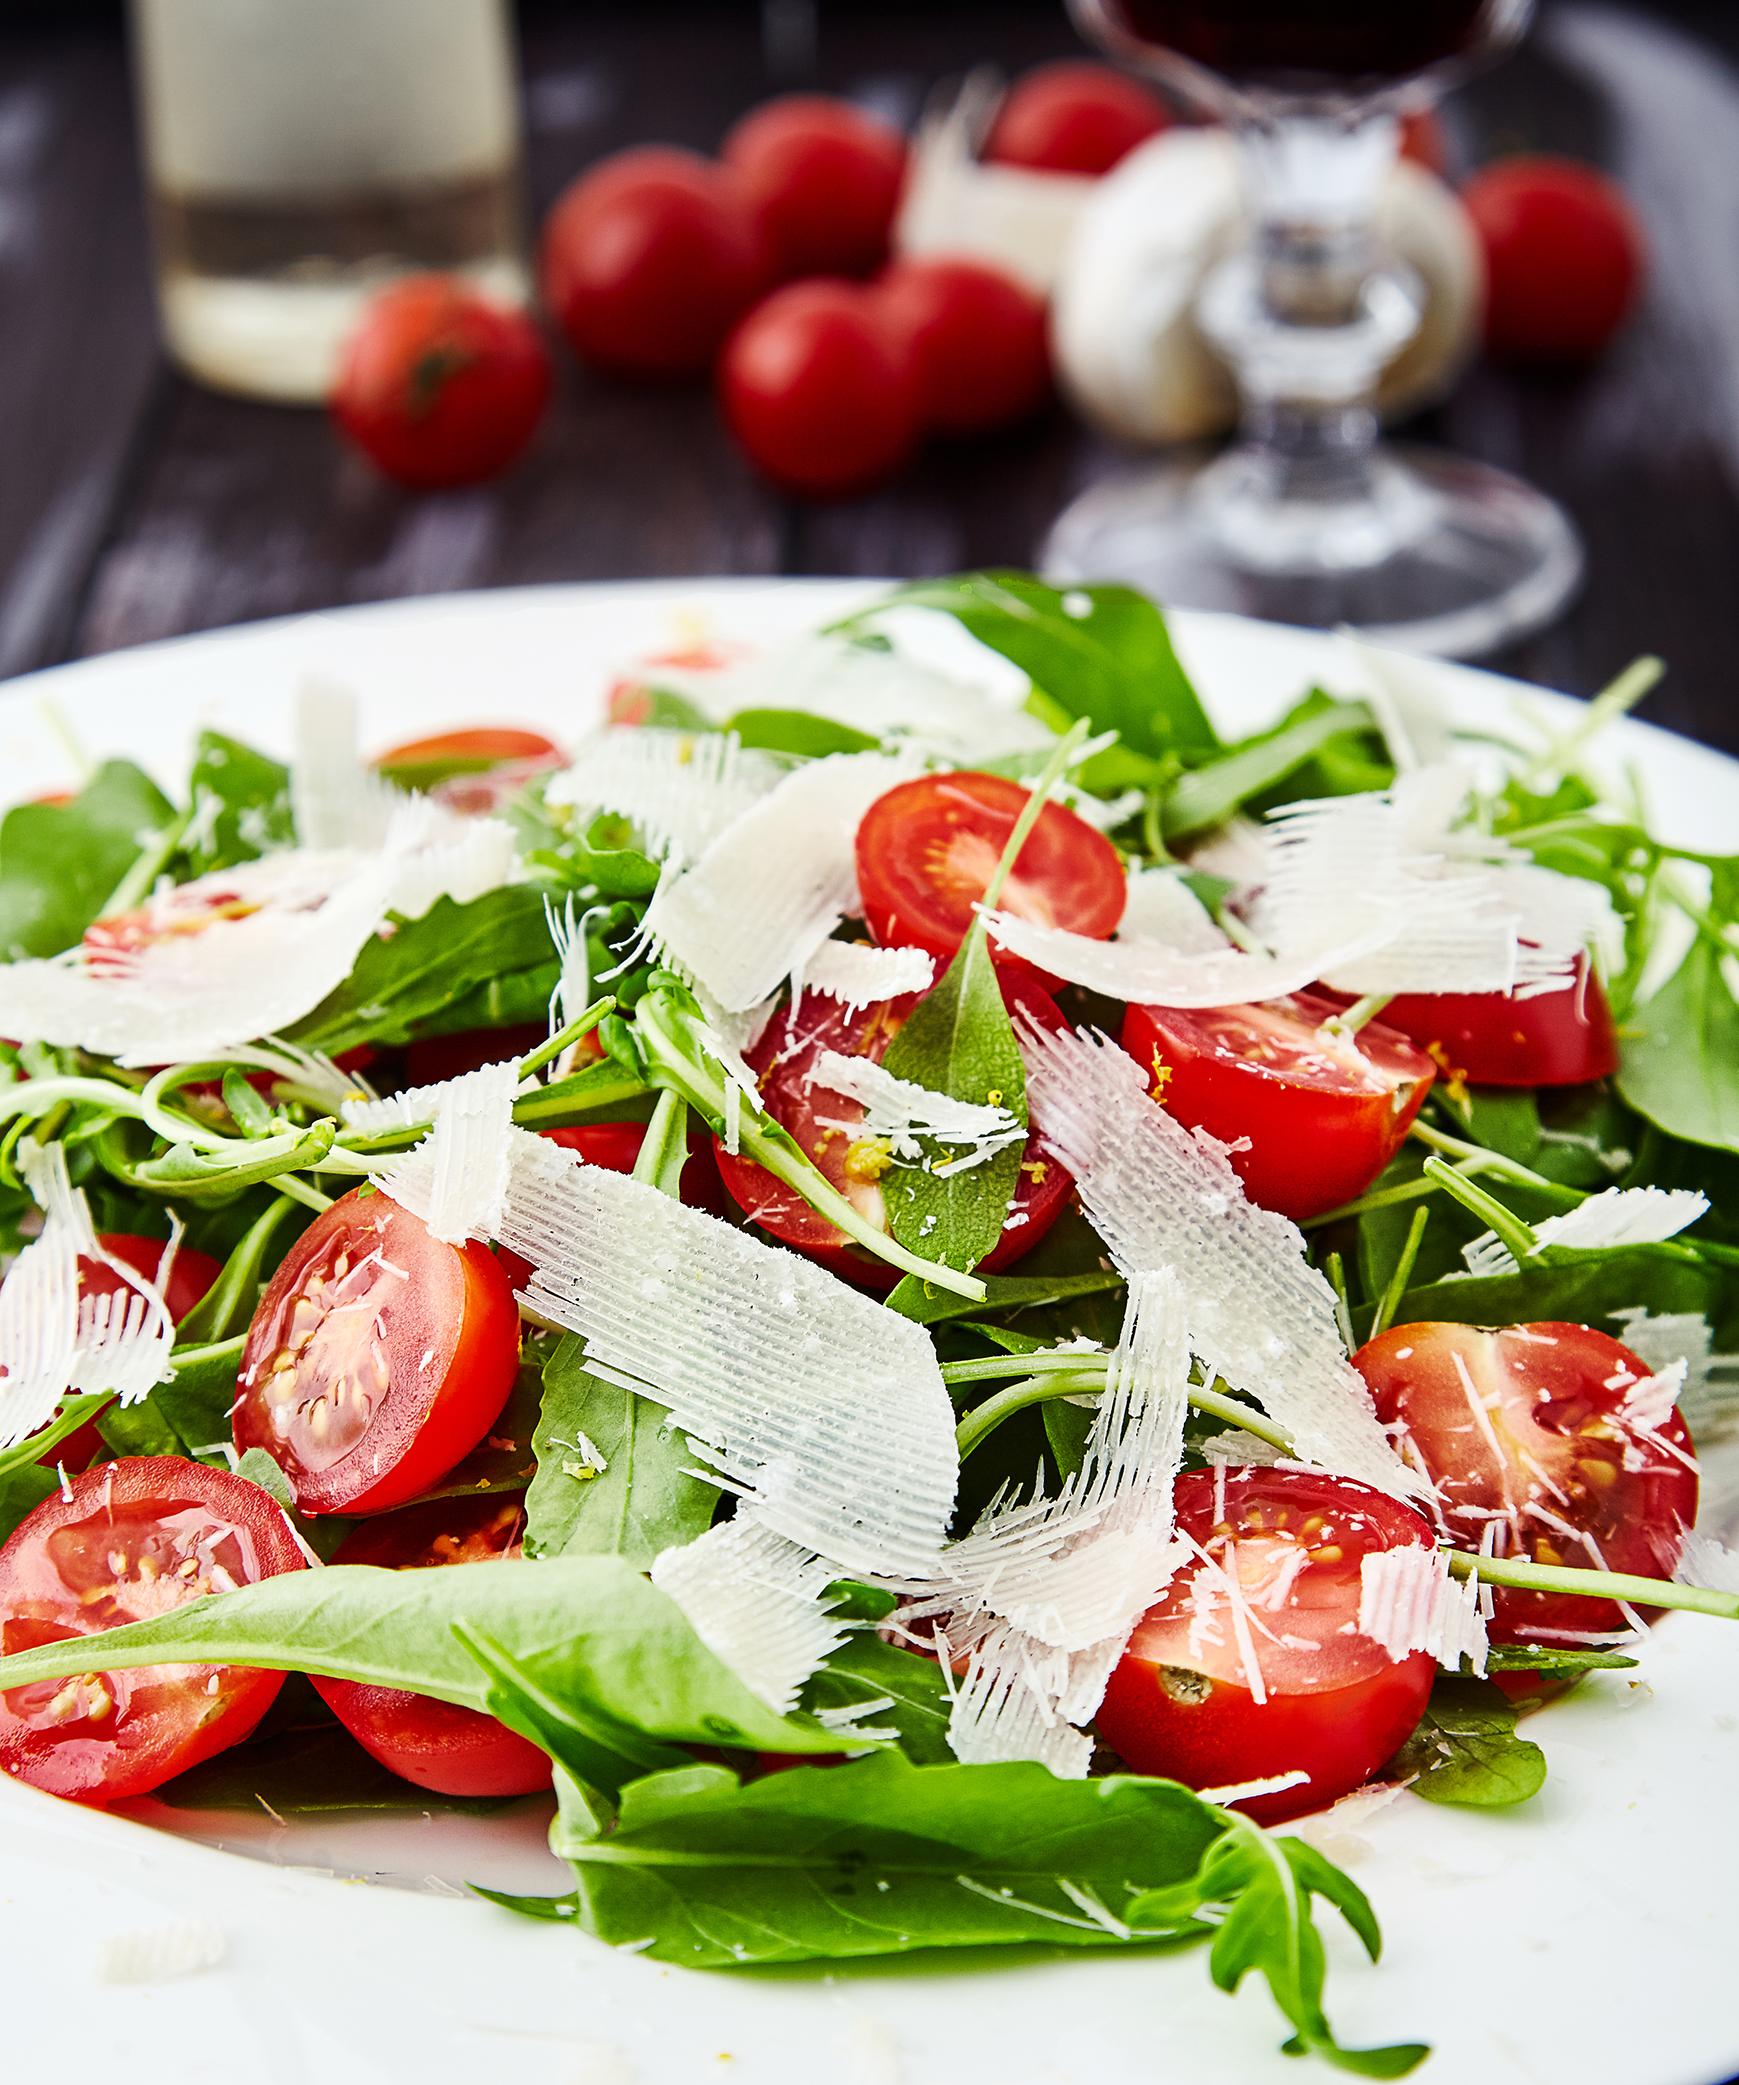 Пошаговый рецепт простого салата из рукколы с помидорами черри и пармезаном